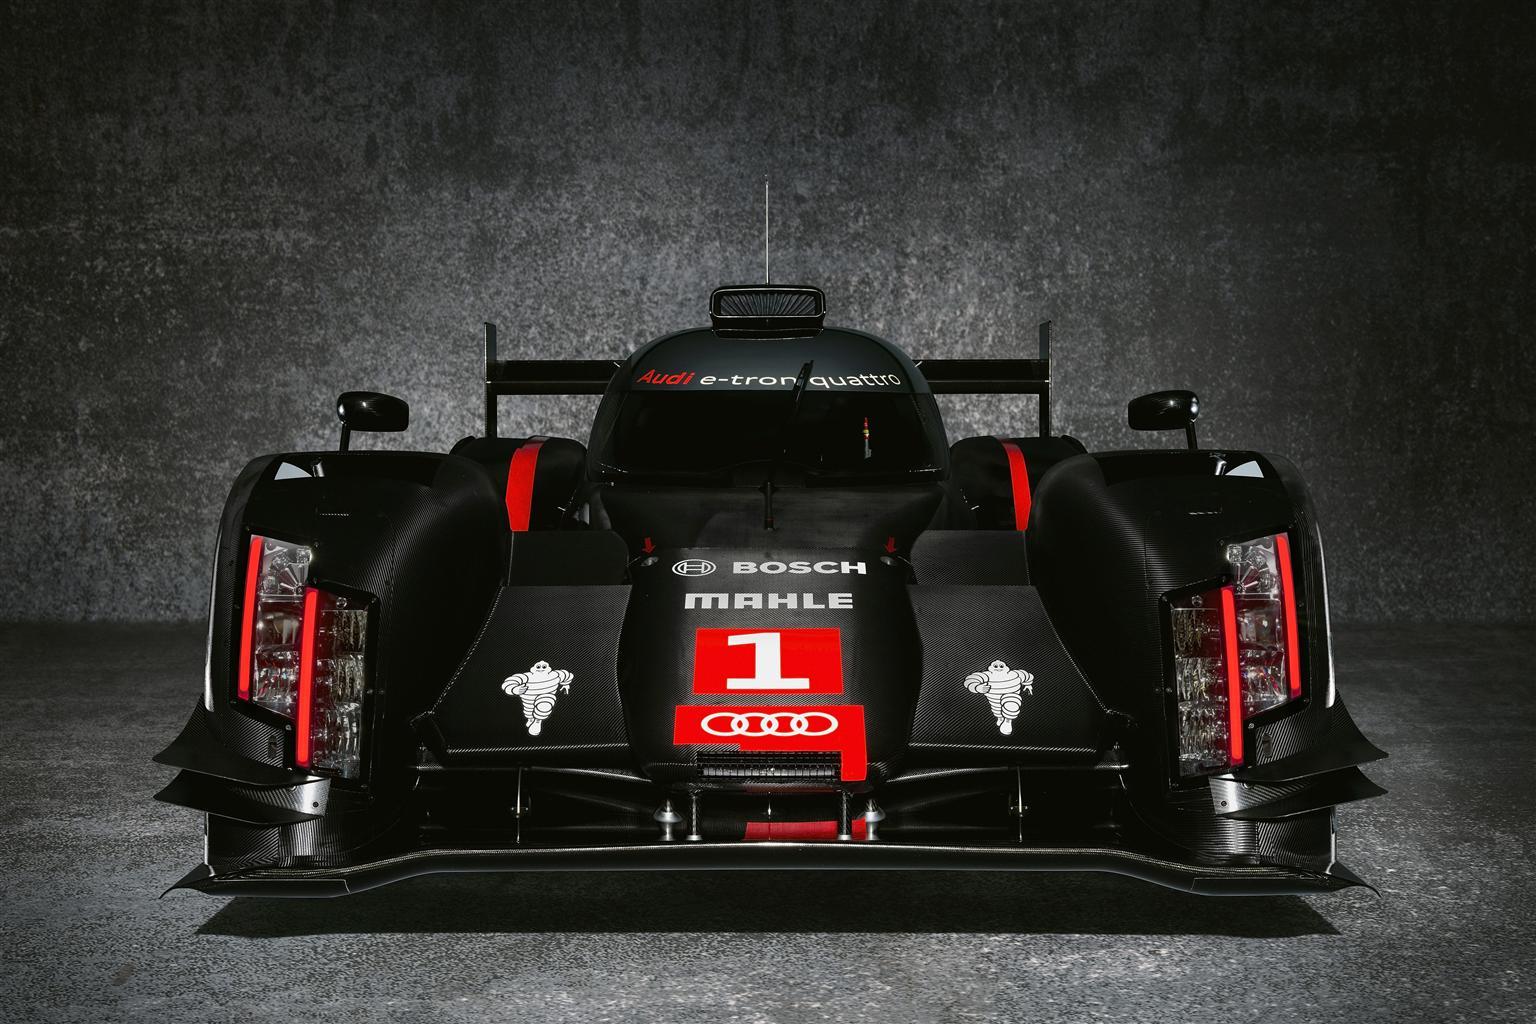 La nuova Audi R18 e-tron quattro